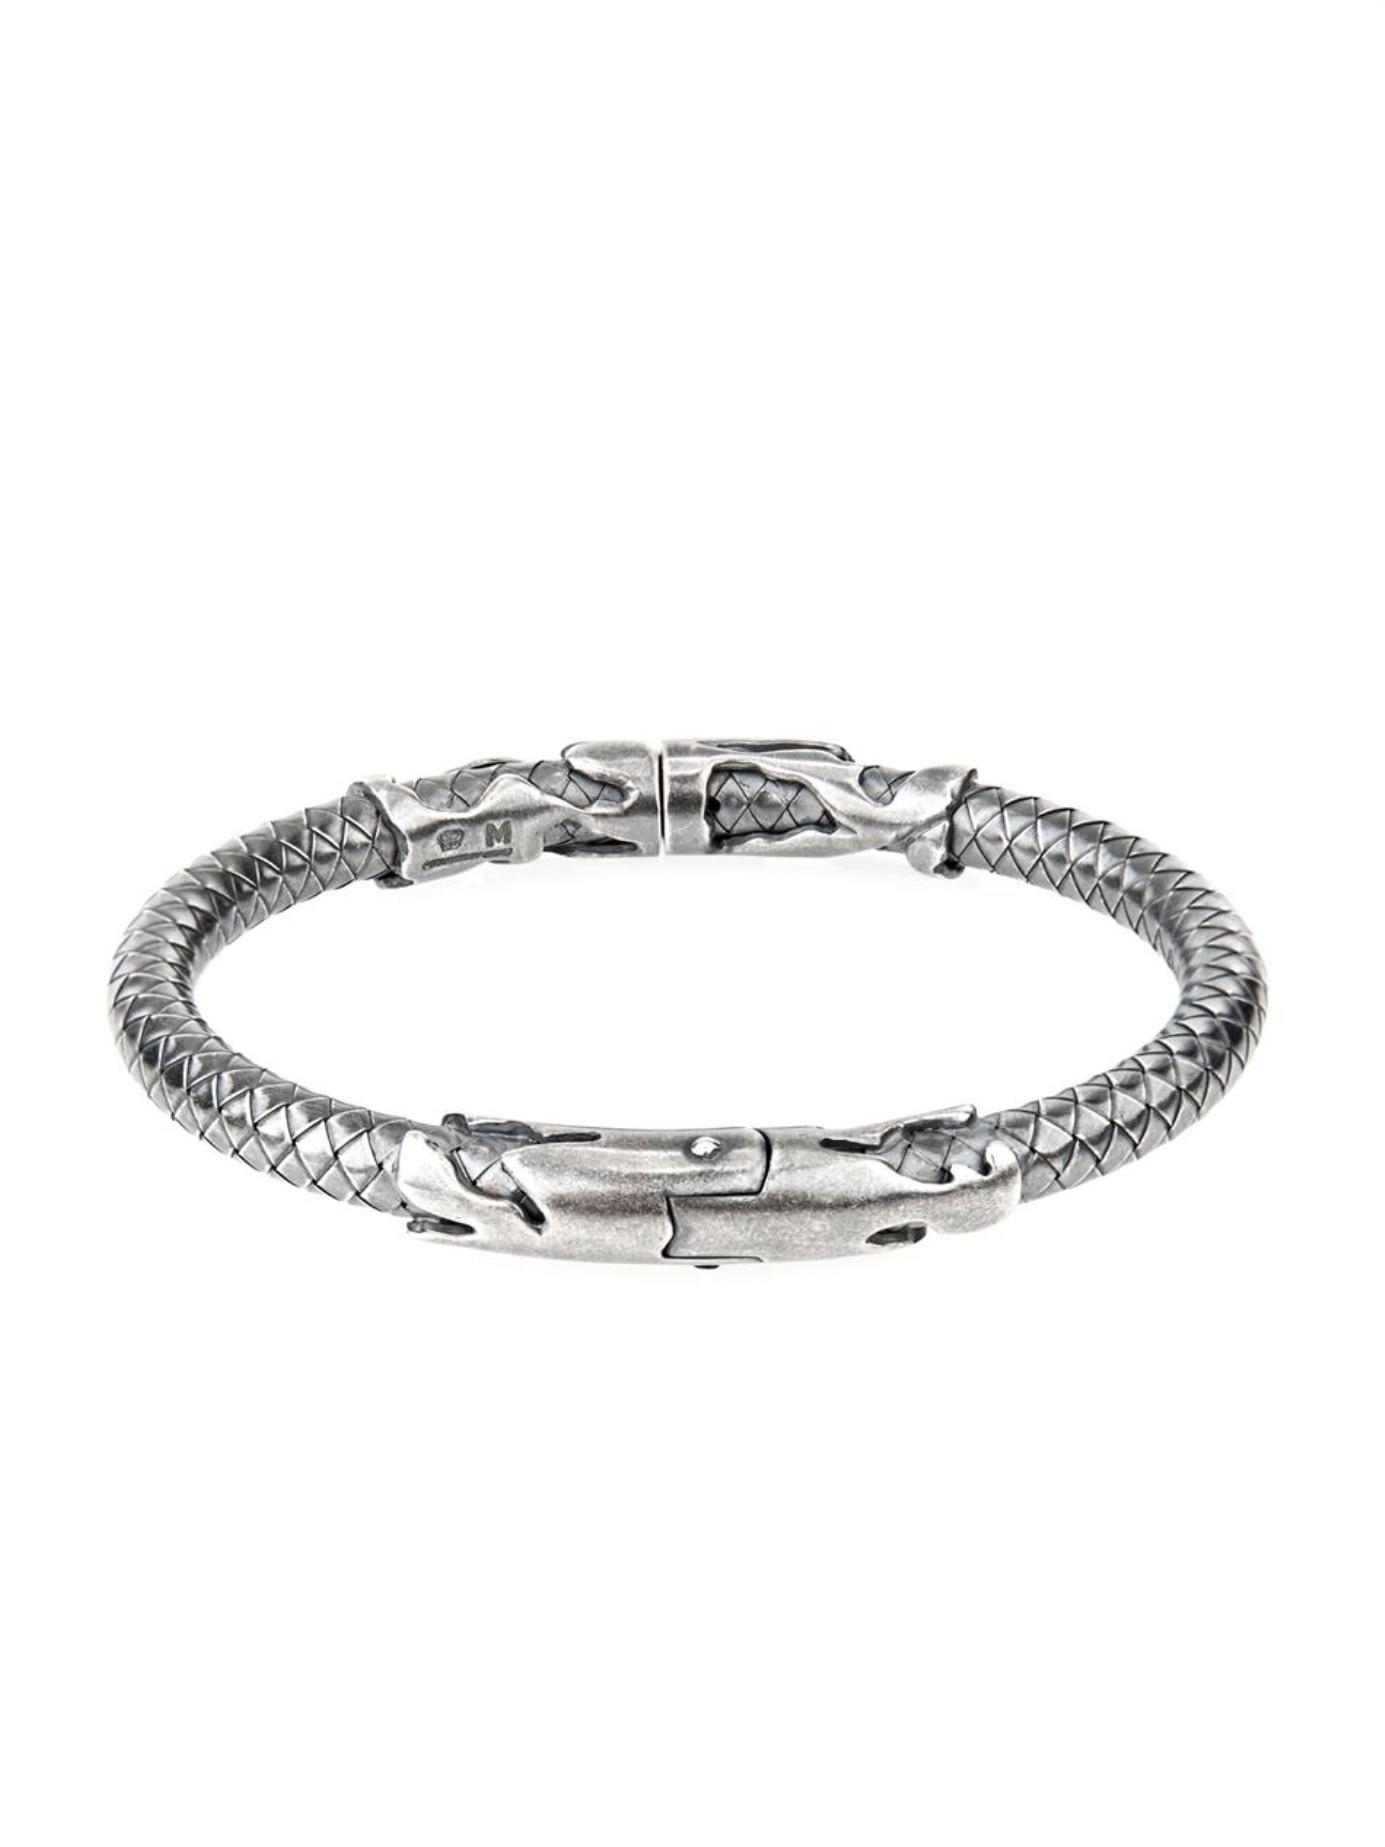 Bottega Veneta Intrecciato sterling-silver necklace 63KBn